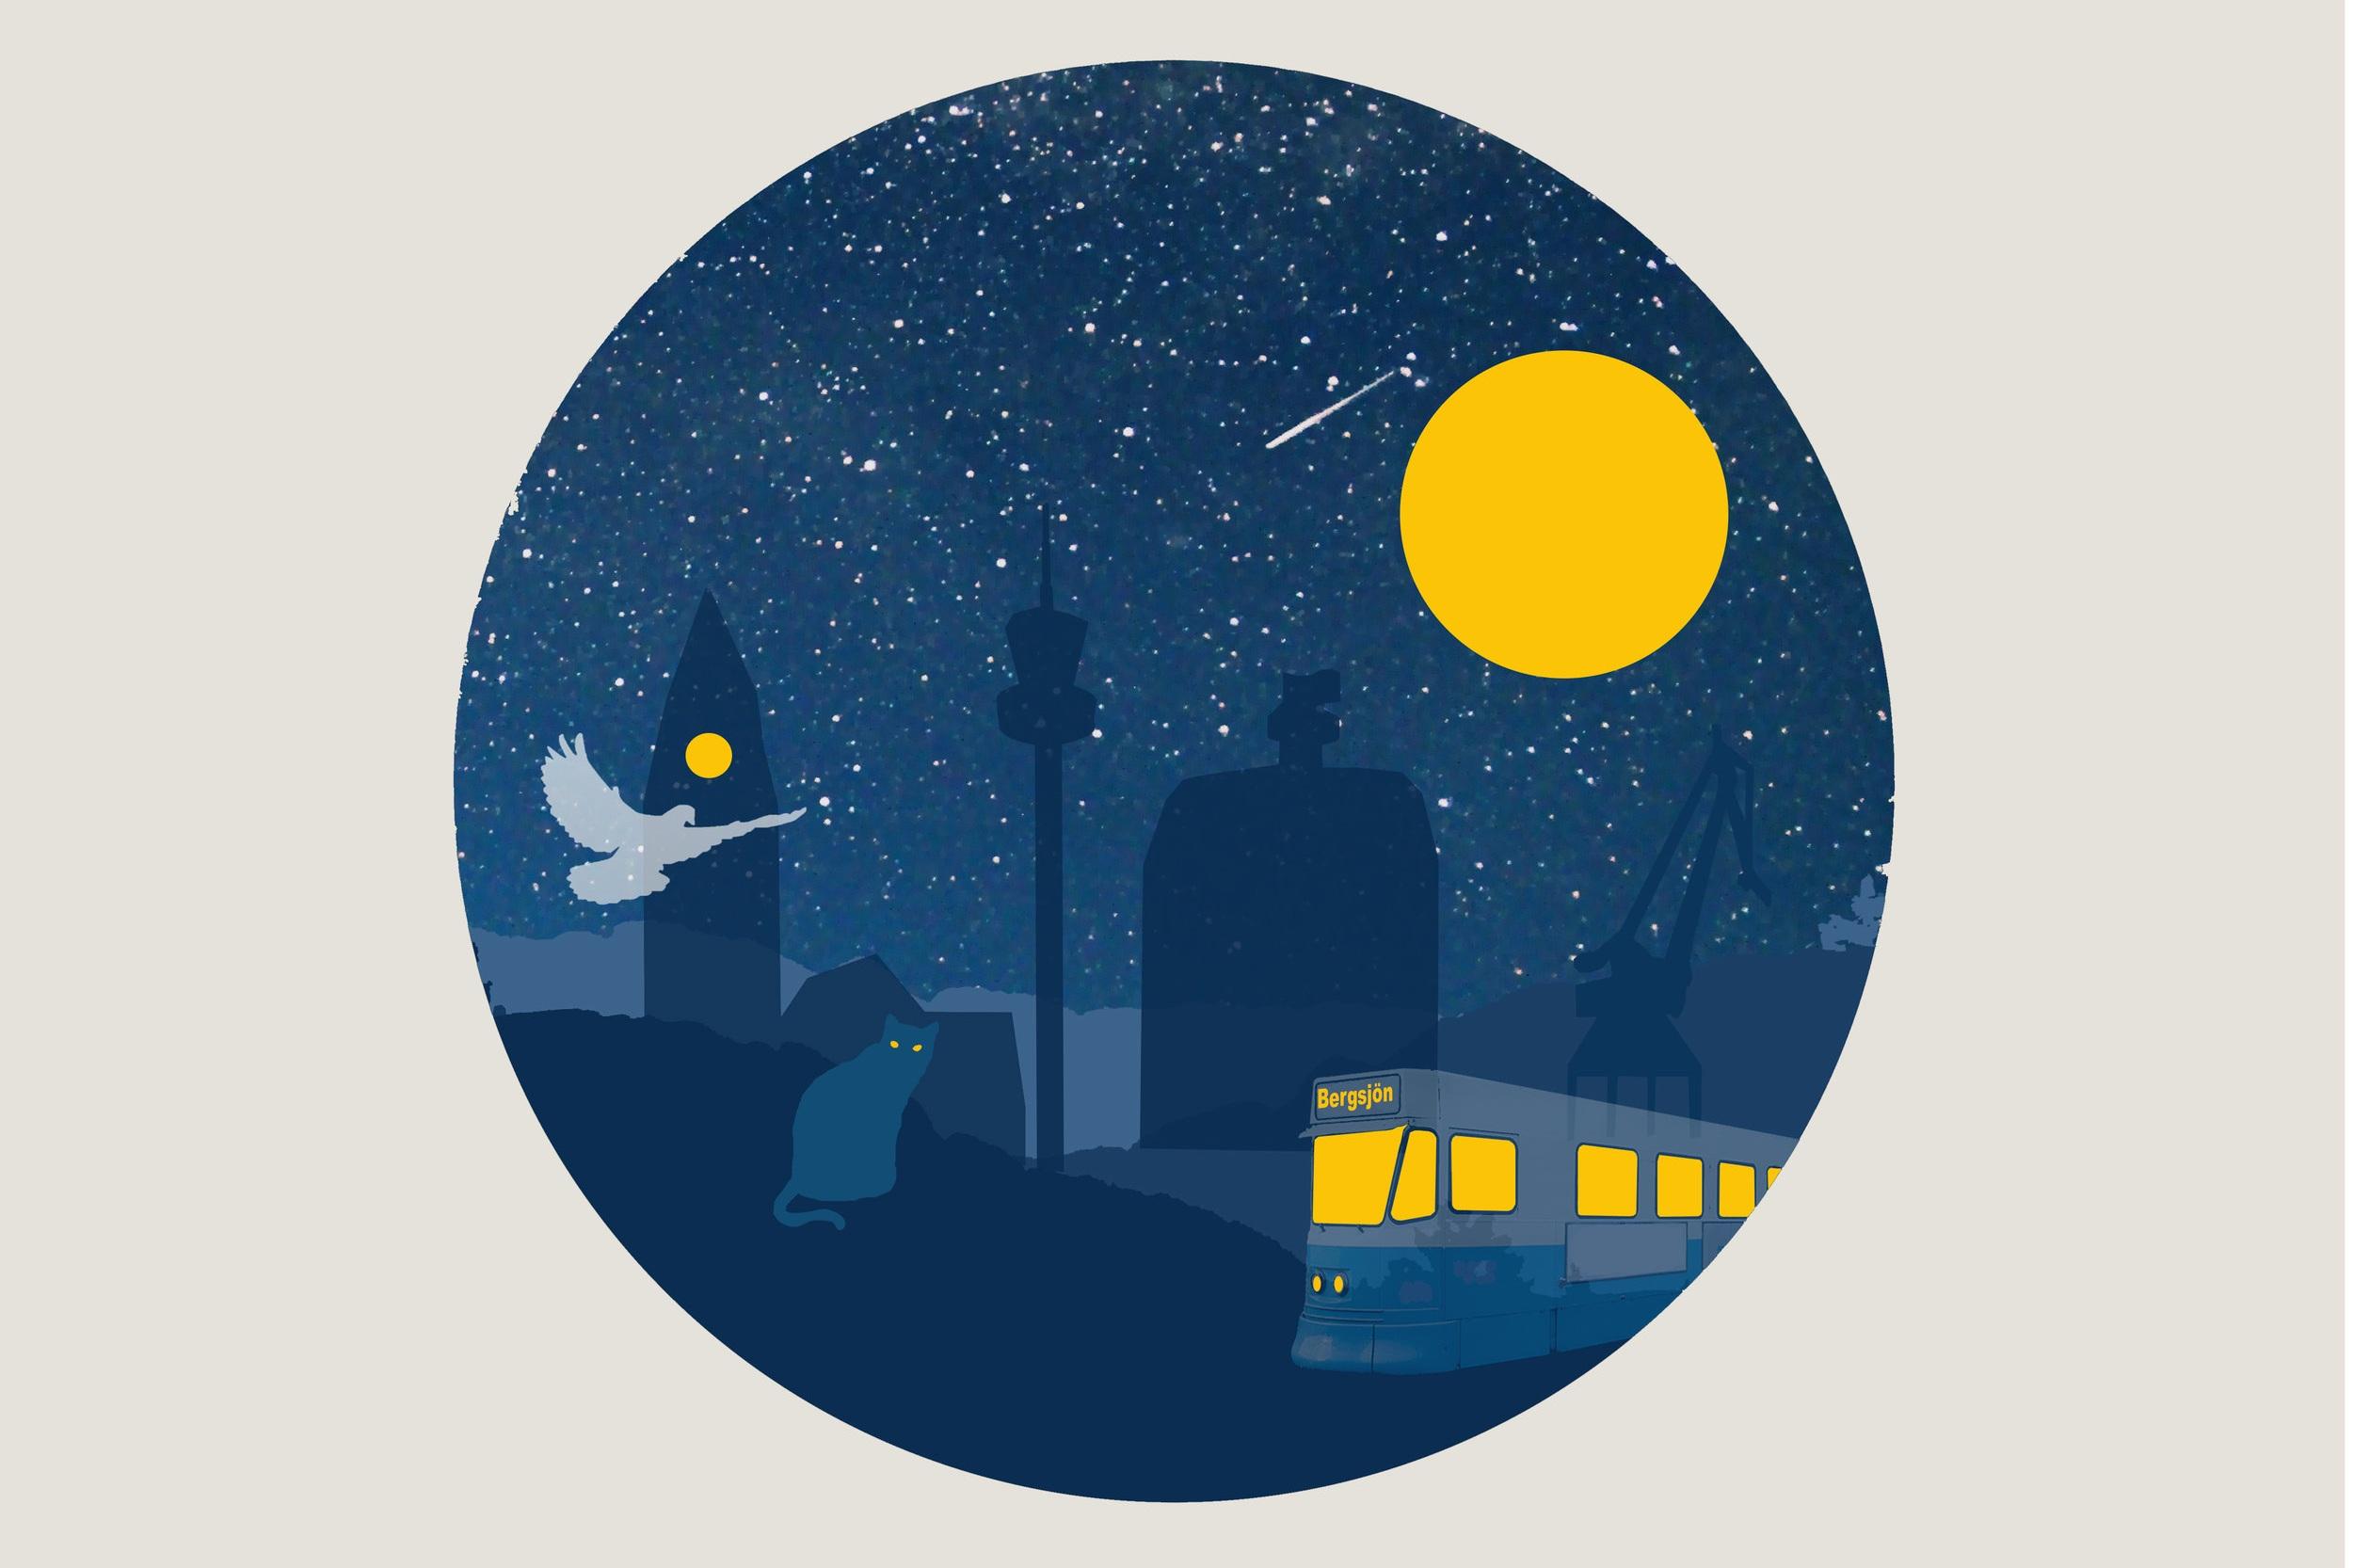 Månskenssonaten - Ett nattligt äventyr. Mer info här